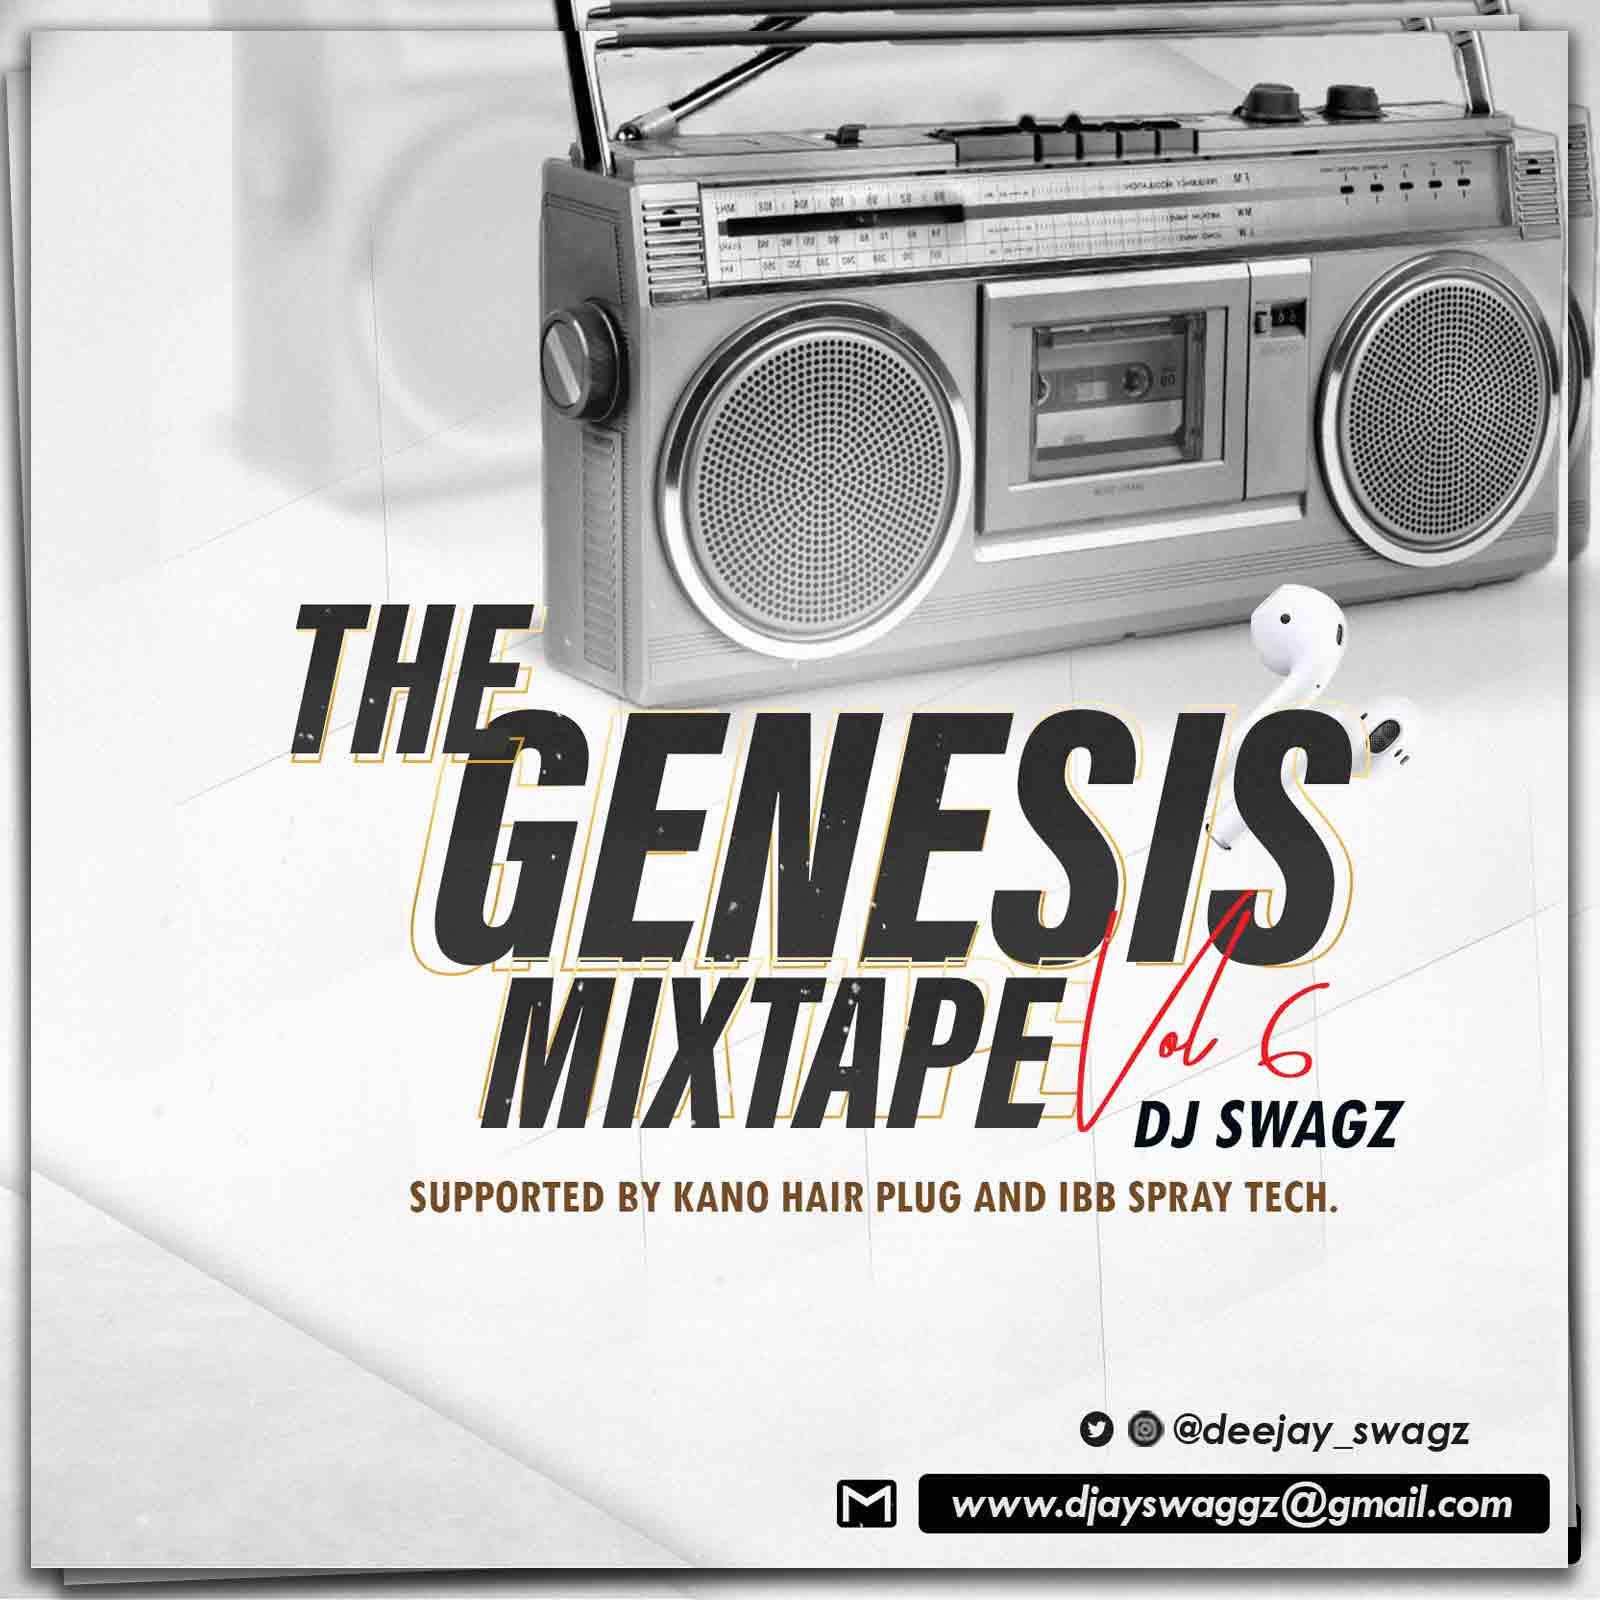 Mixtape: Dj Swag - The Genesis Mixtape Vol. 6